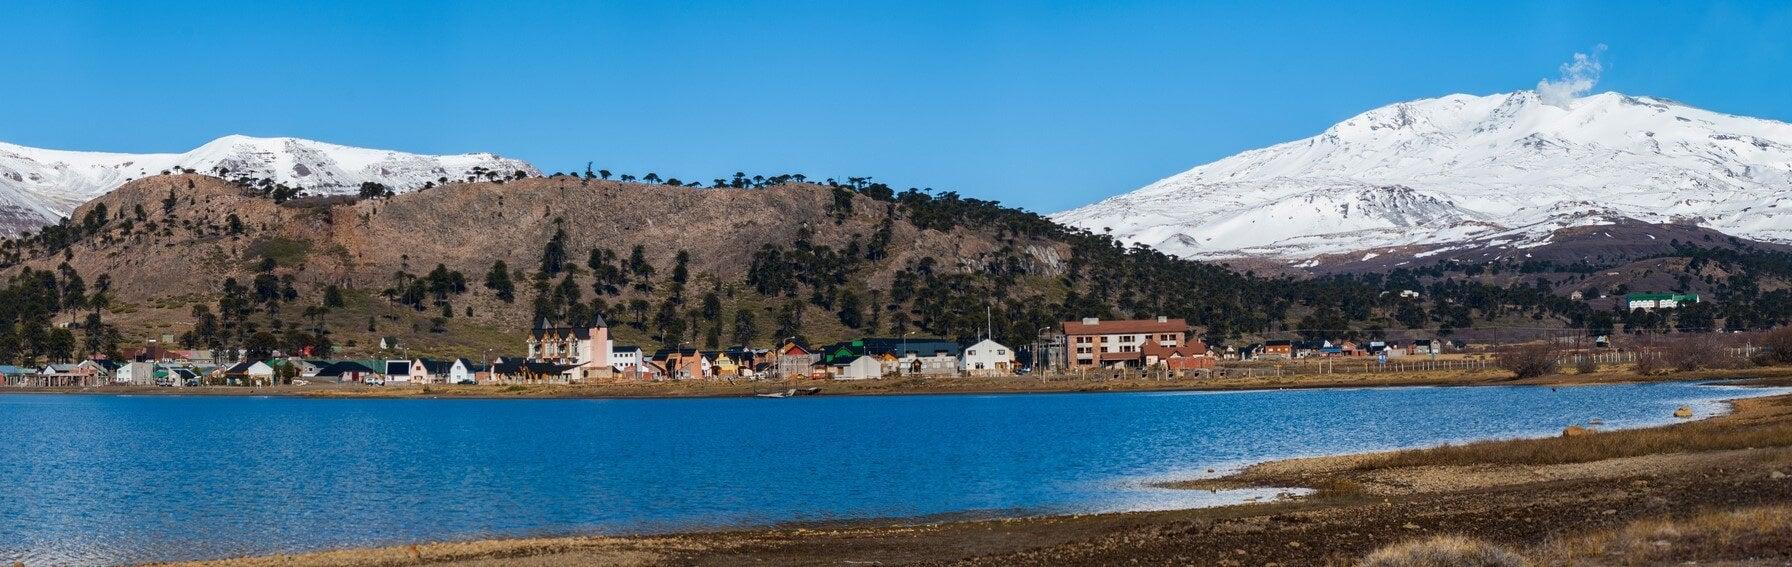 Vista del pueblo de Caviahue